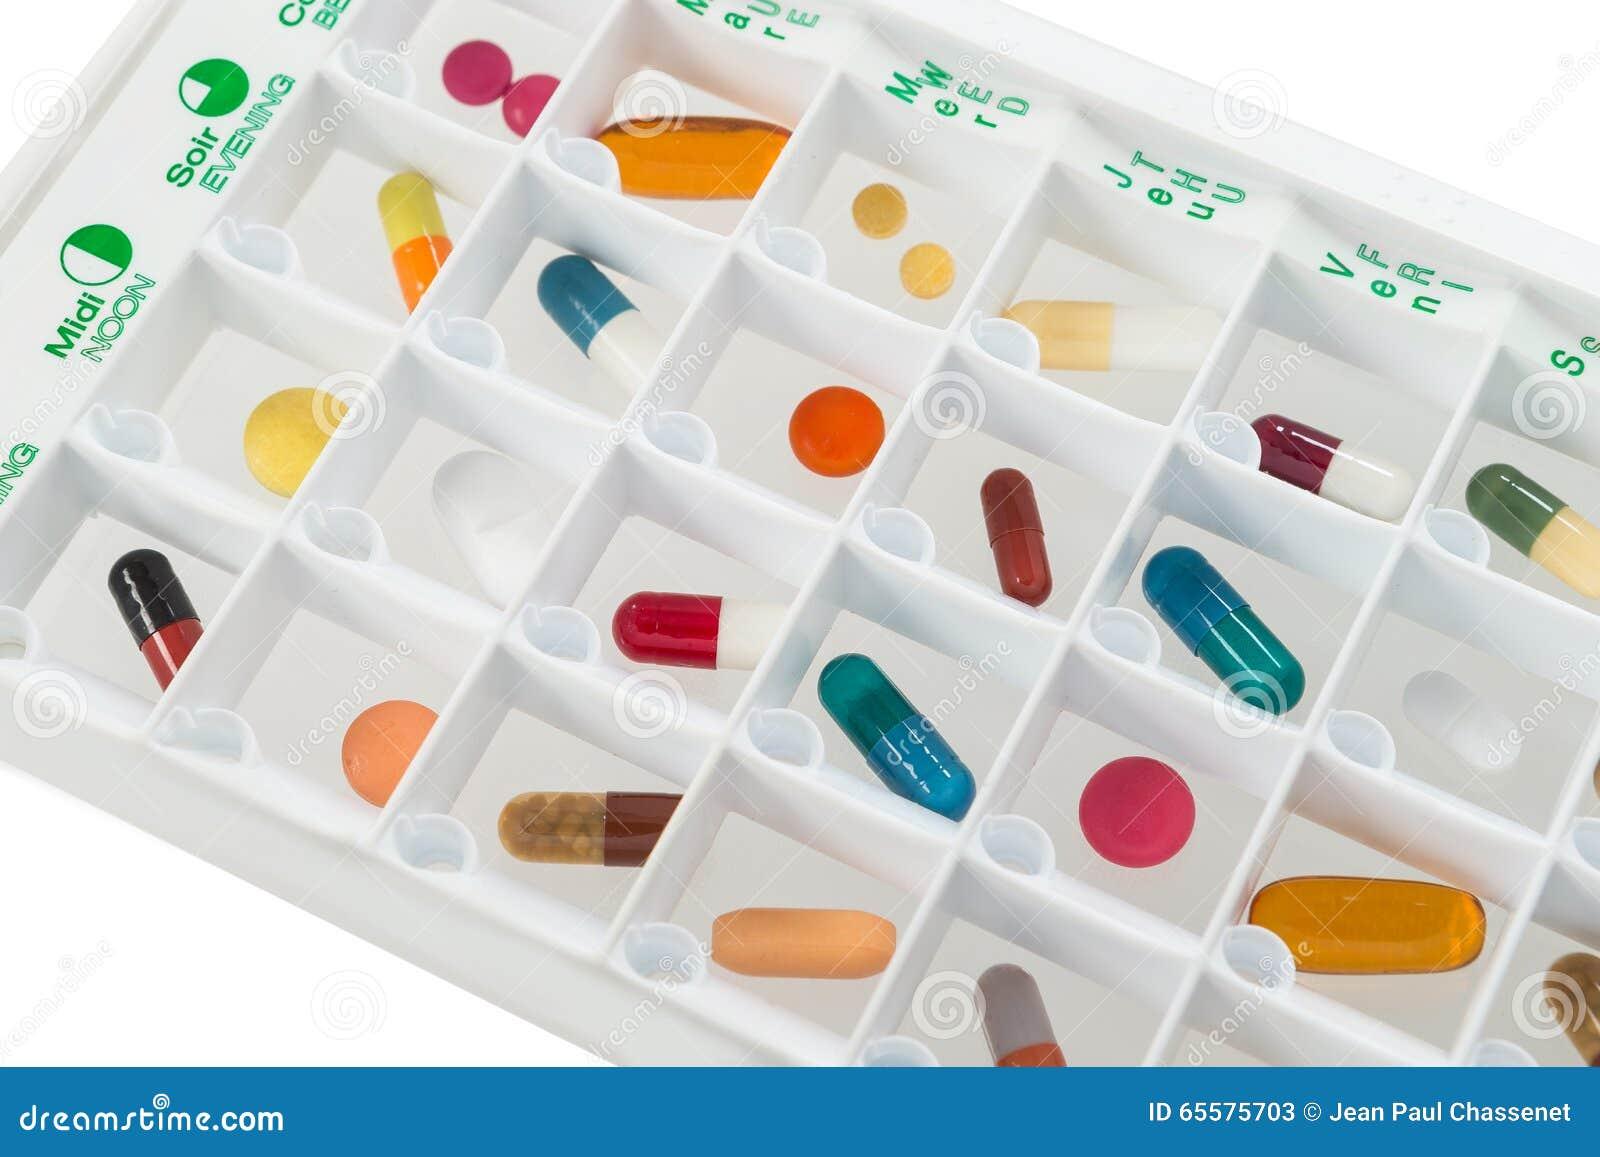 Planejador mensal dos comprimidos com uma dose diária das medicamentações em cada pilha